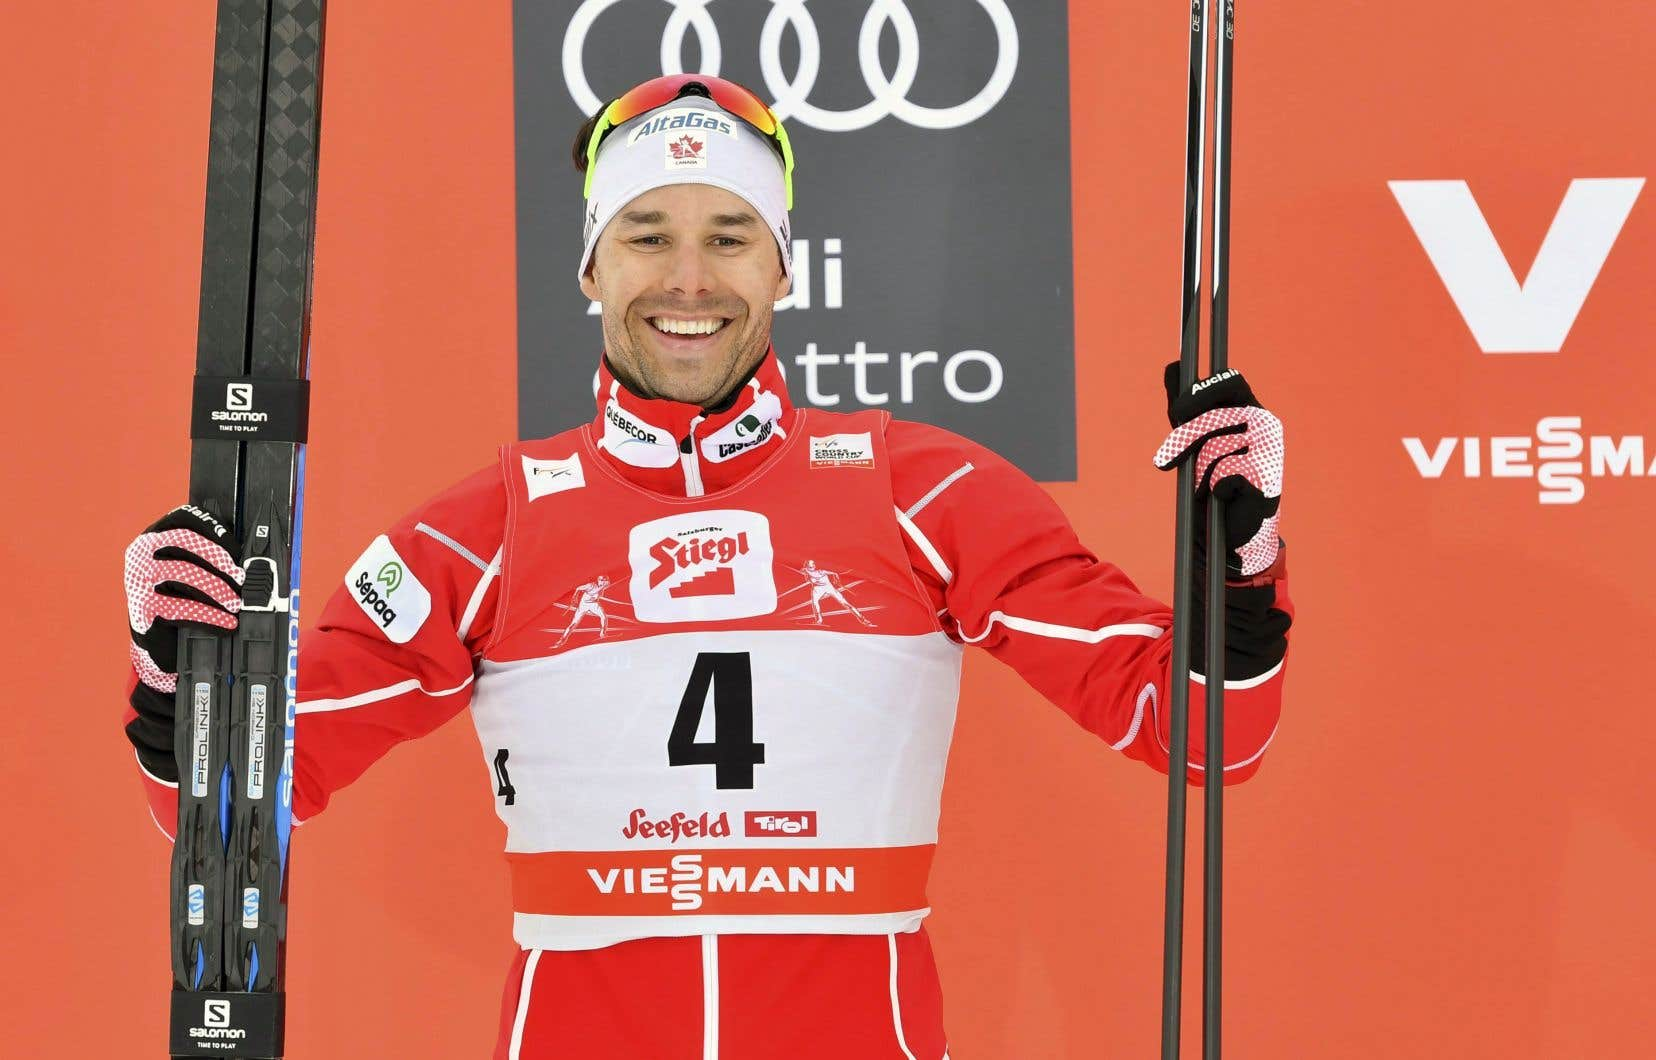 Le Québécois a terminé à 1,4 seconde du vainqueur suisse, Dario Cologna.